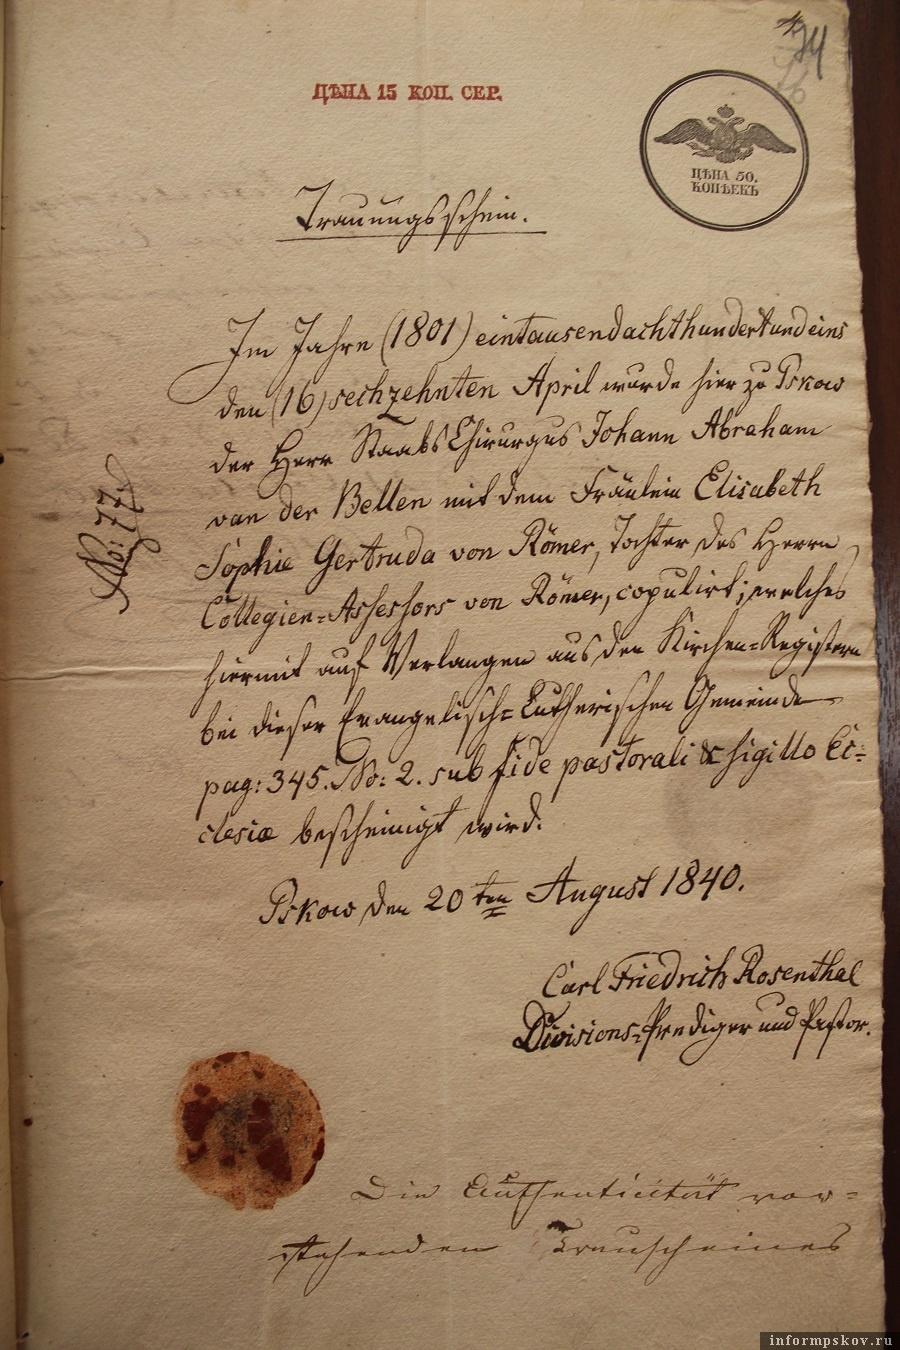 Свидетельство о браке от 16 апреля 1801 года между Абрамом Фон-дер Белленом и Елизаветой фон Ремер